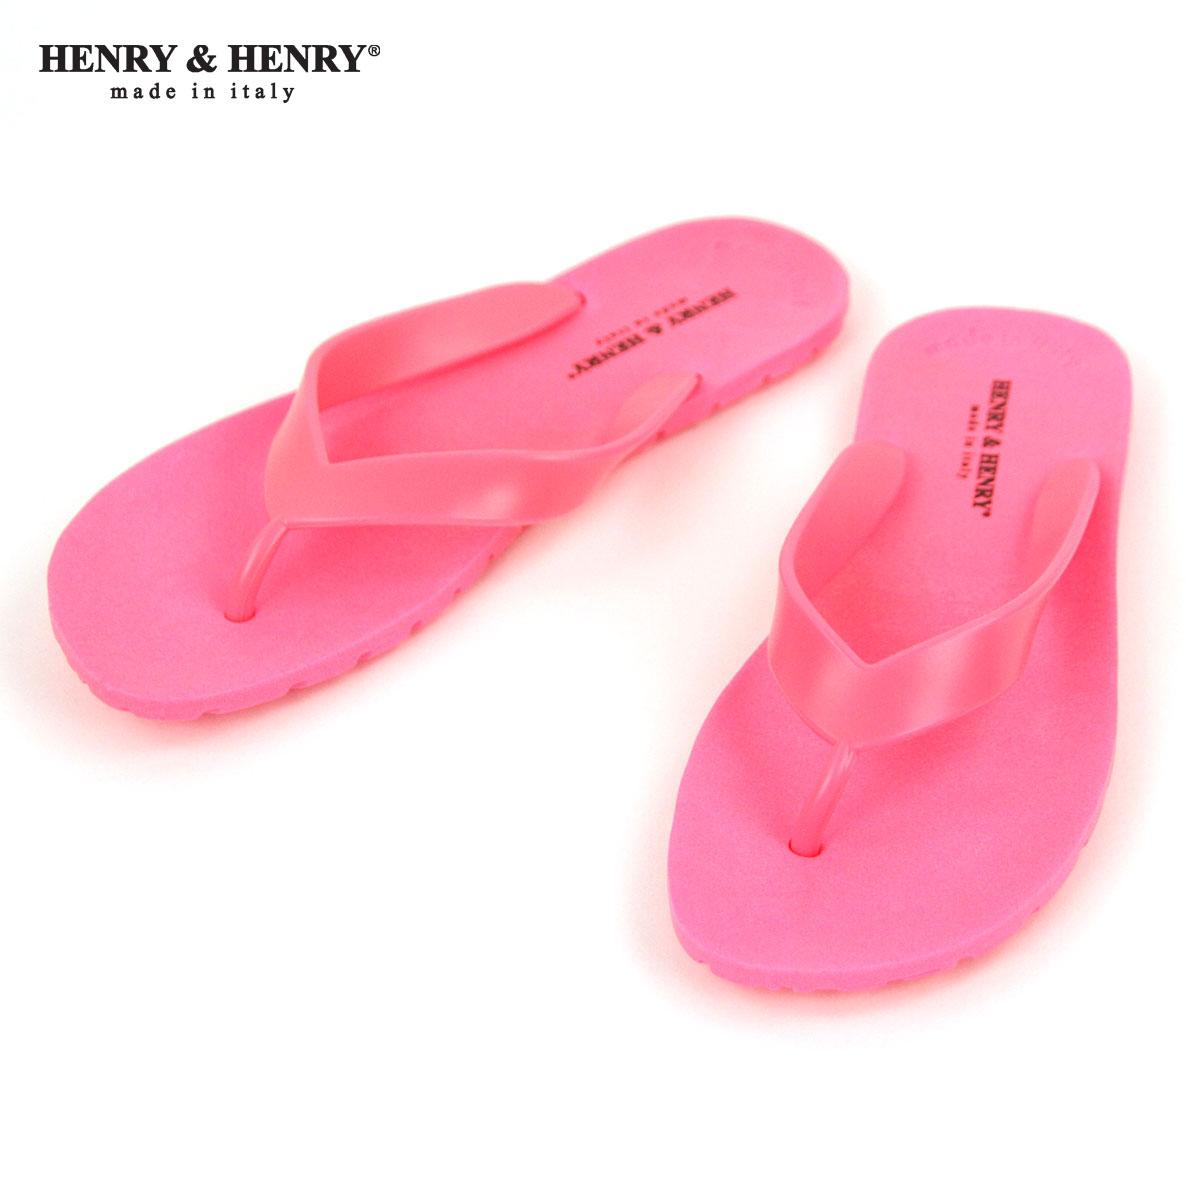 ヘンリーアンドヘンリー HENRY&HENRY 正規販売店 サンダル フリッパー FRIPPER SANDAL FUCSIA FLUO PINK 35 A66B B3C C4D D3E E11F